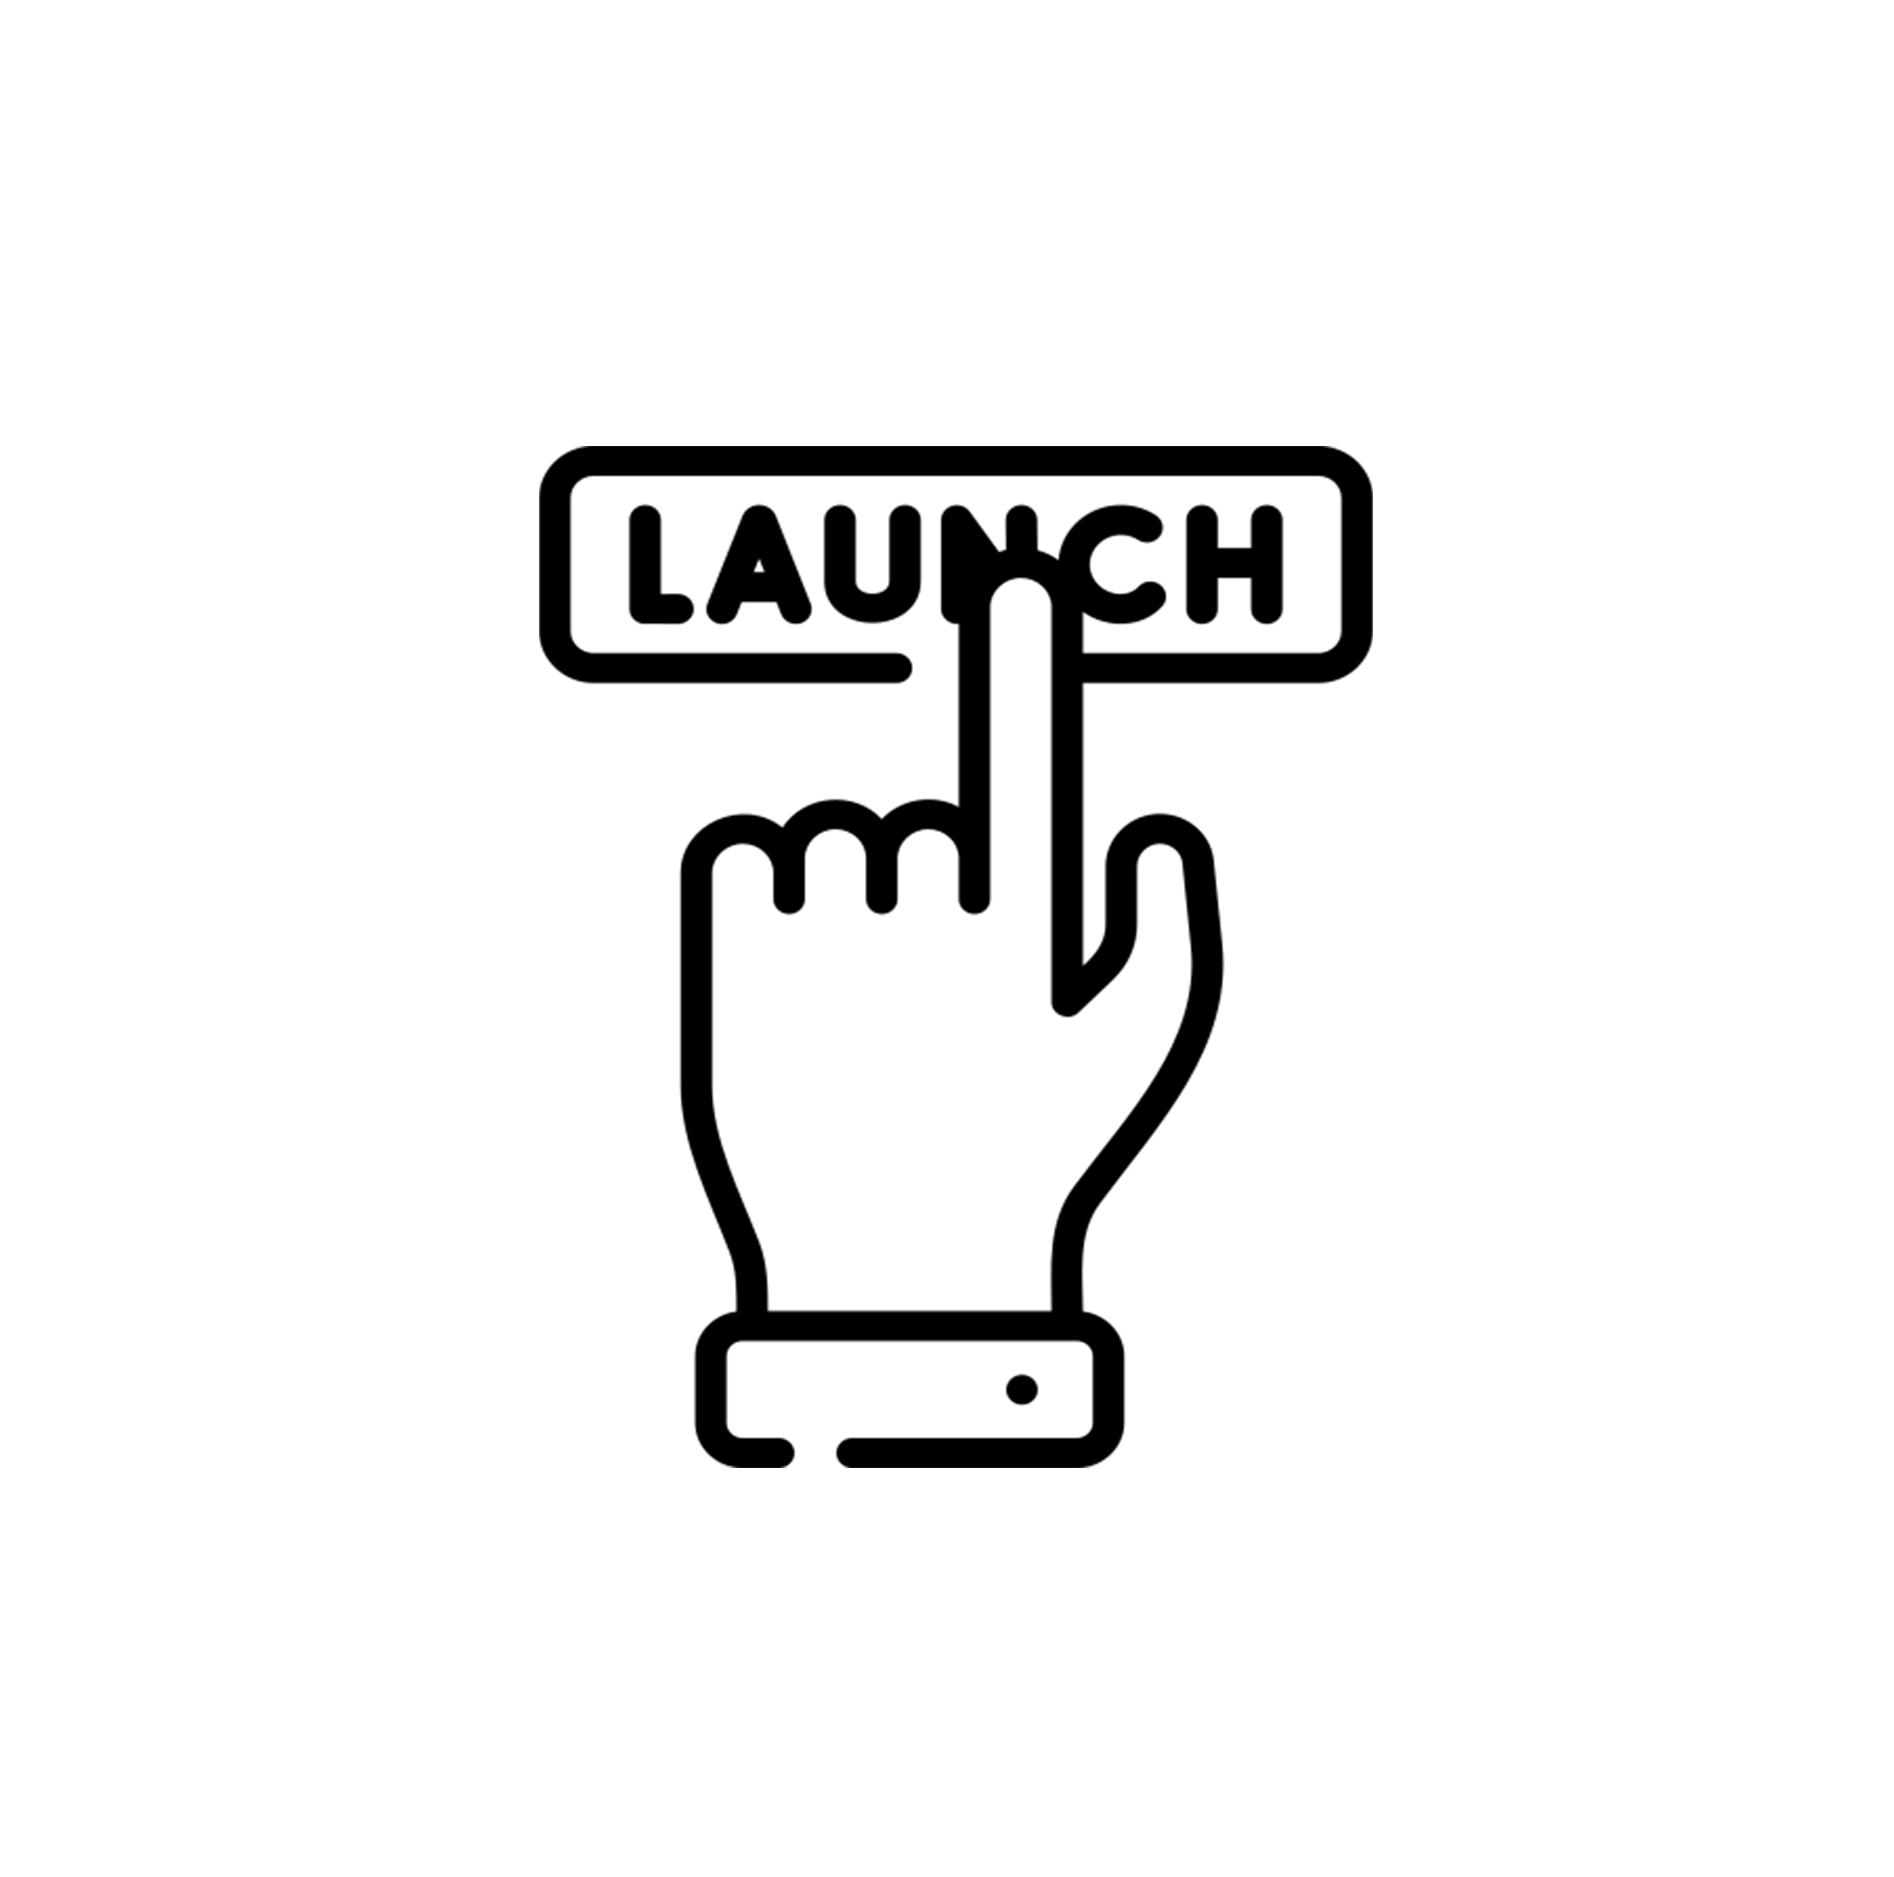 launch-1